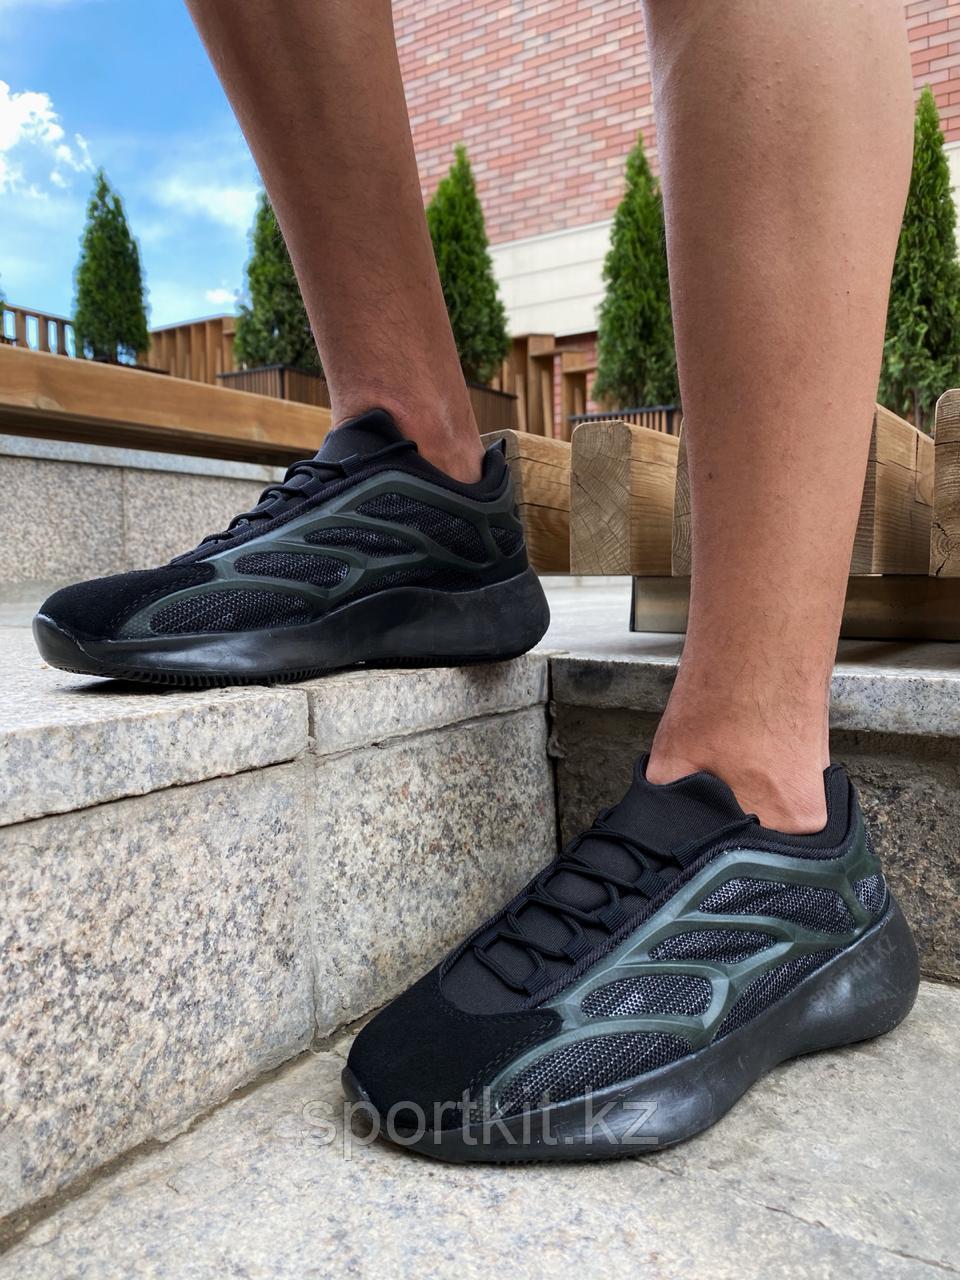 Кроссовки Adidas Yeezy 700 V3 subs 972-2 черн - фото 2